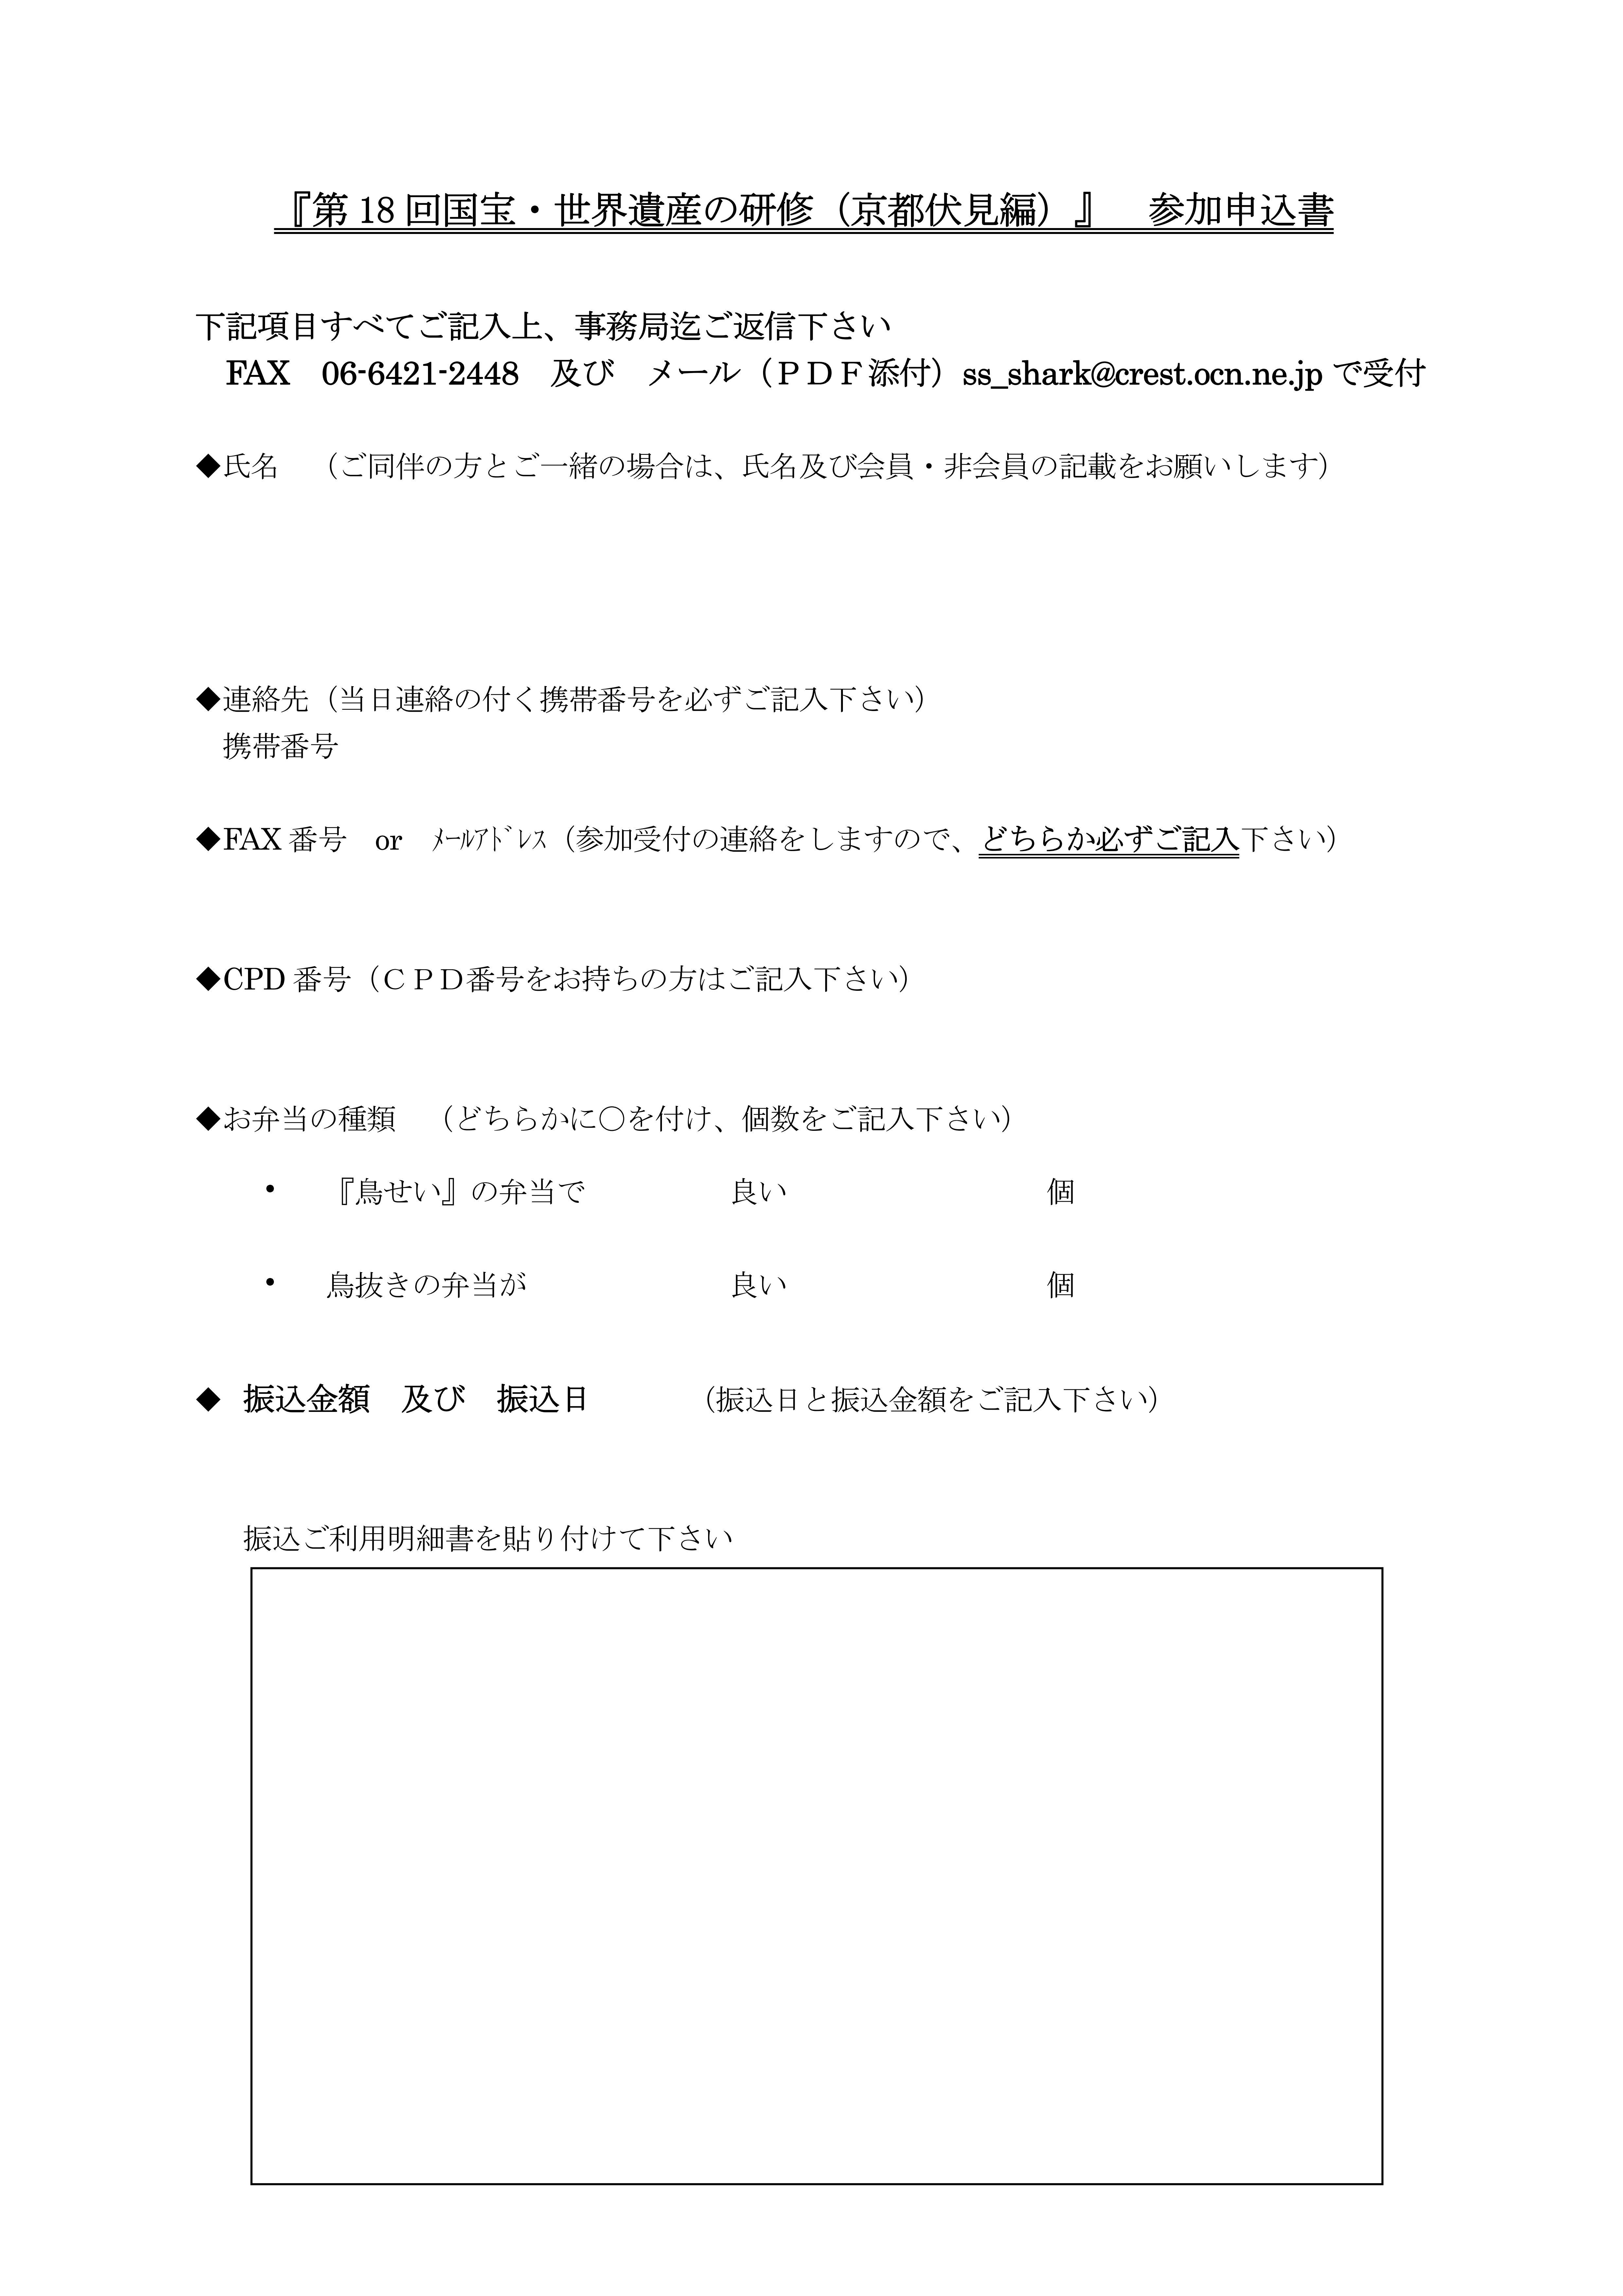 申込・振込貼付用紙_01